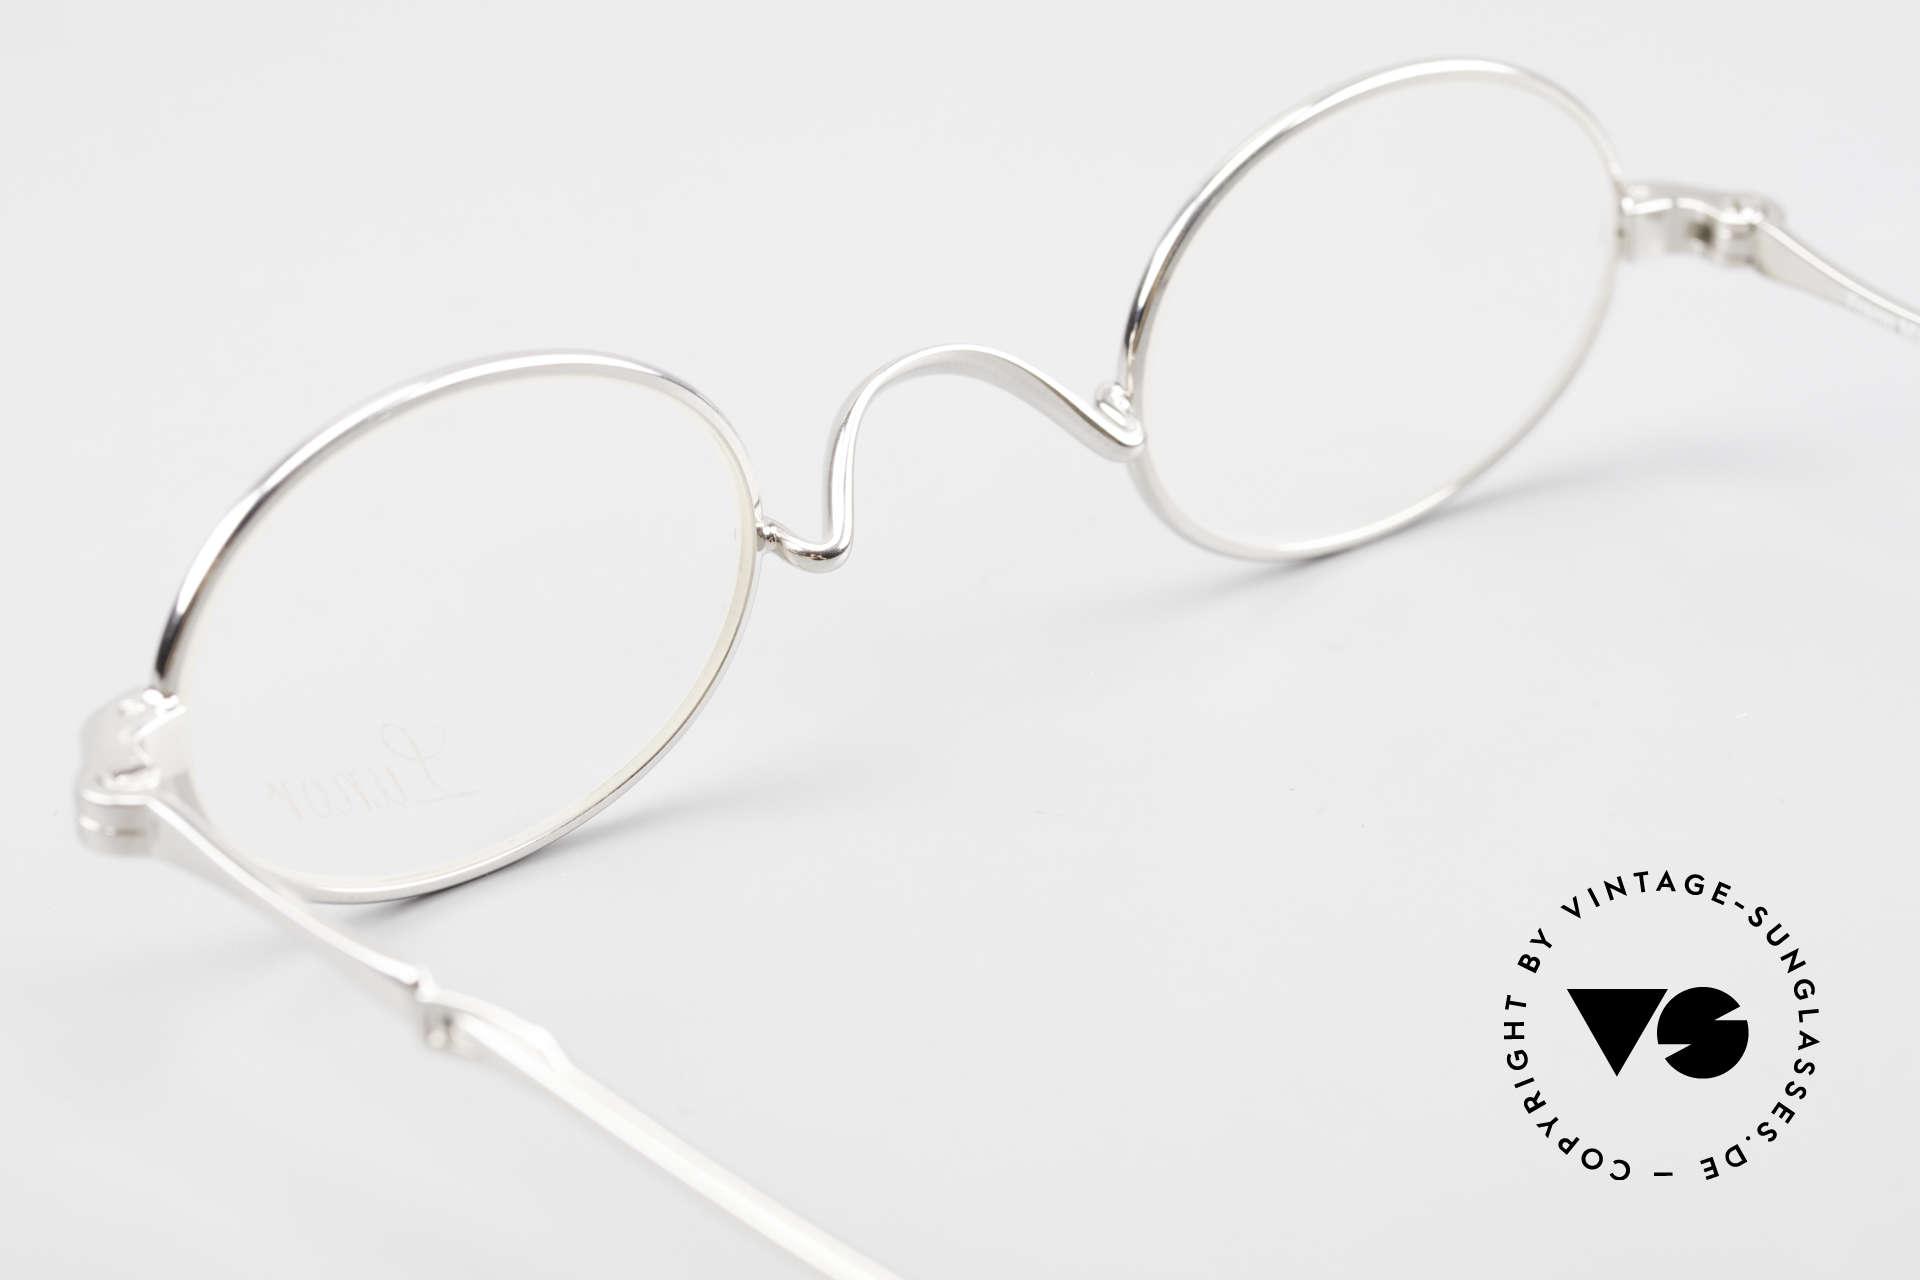 Lunor I 04 Telescopic Ovale Schiebebügel Brille XS, Größe: extra small, Passend für Herren und Damen